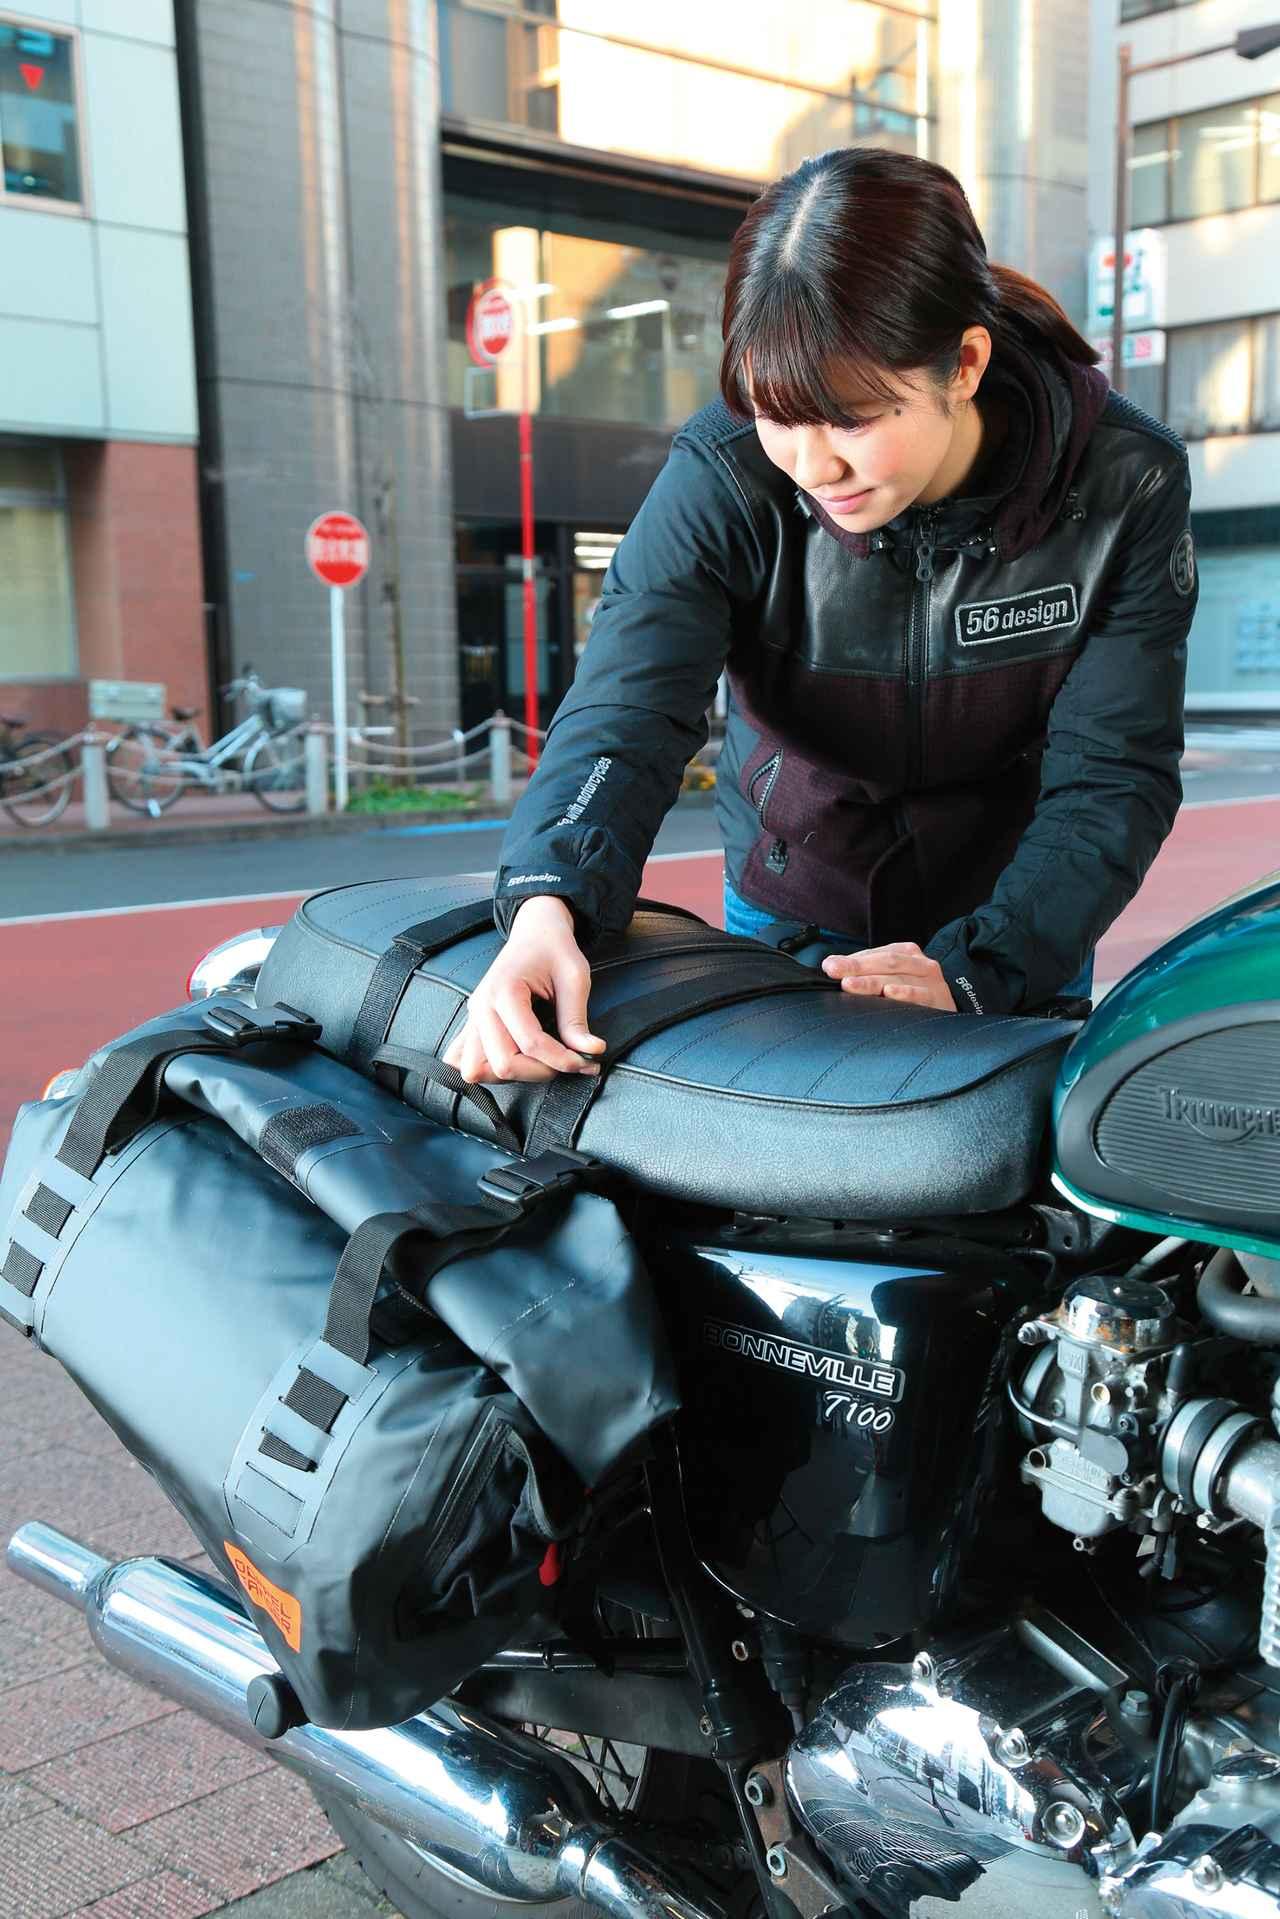 Images : 3番目の画像 - 「ツーリングキャンパー必見!『DOPPELGANGER ターポリンサイドバッグ DBT393-BK』#GEARS TEST」のアルバム - webオートバイ